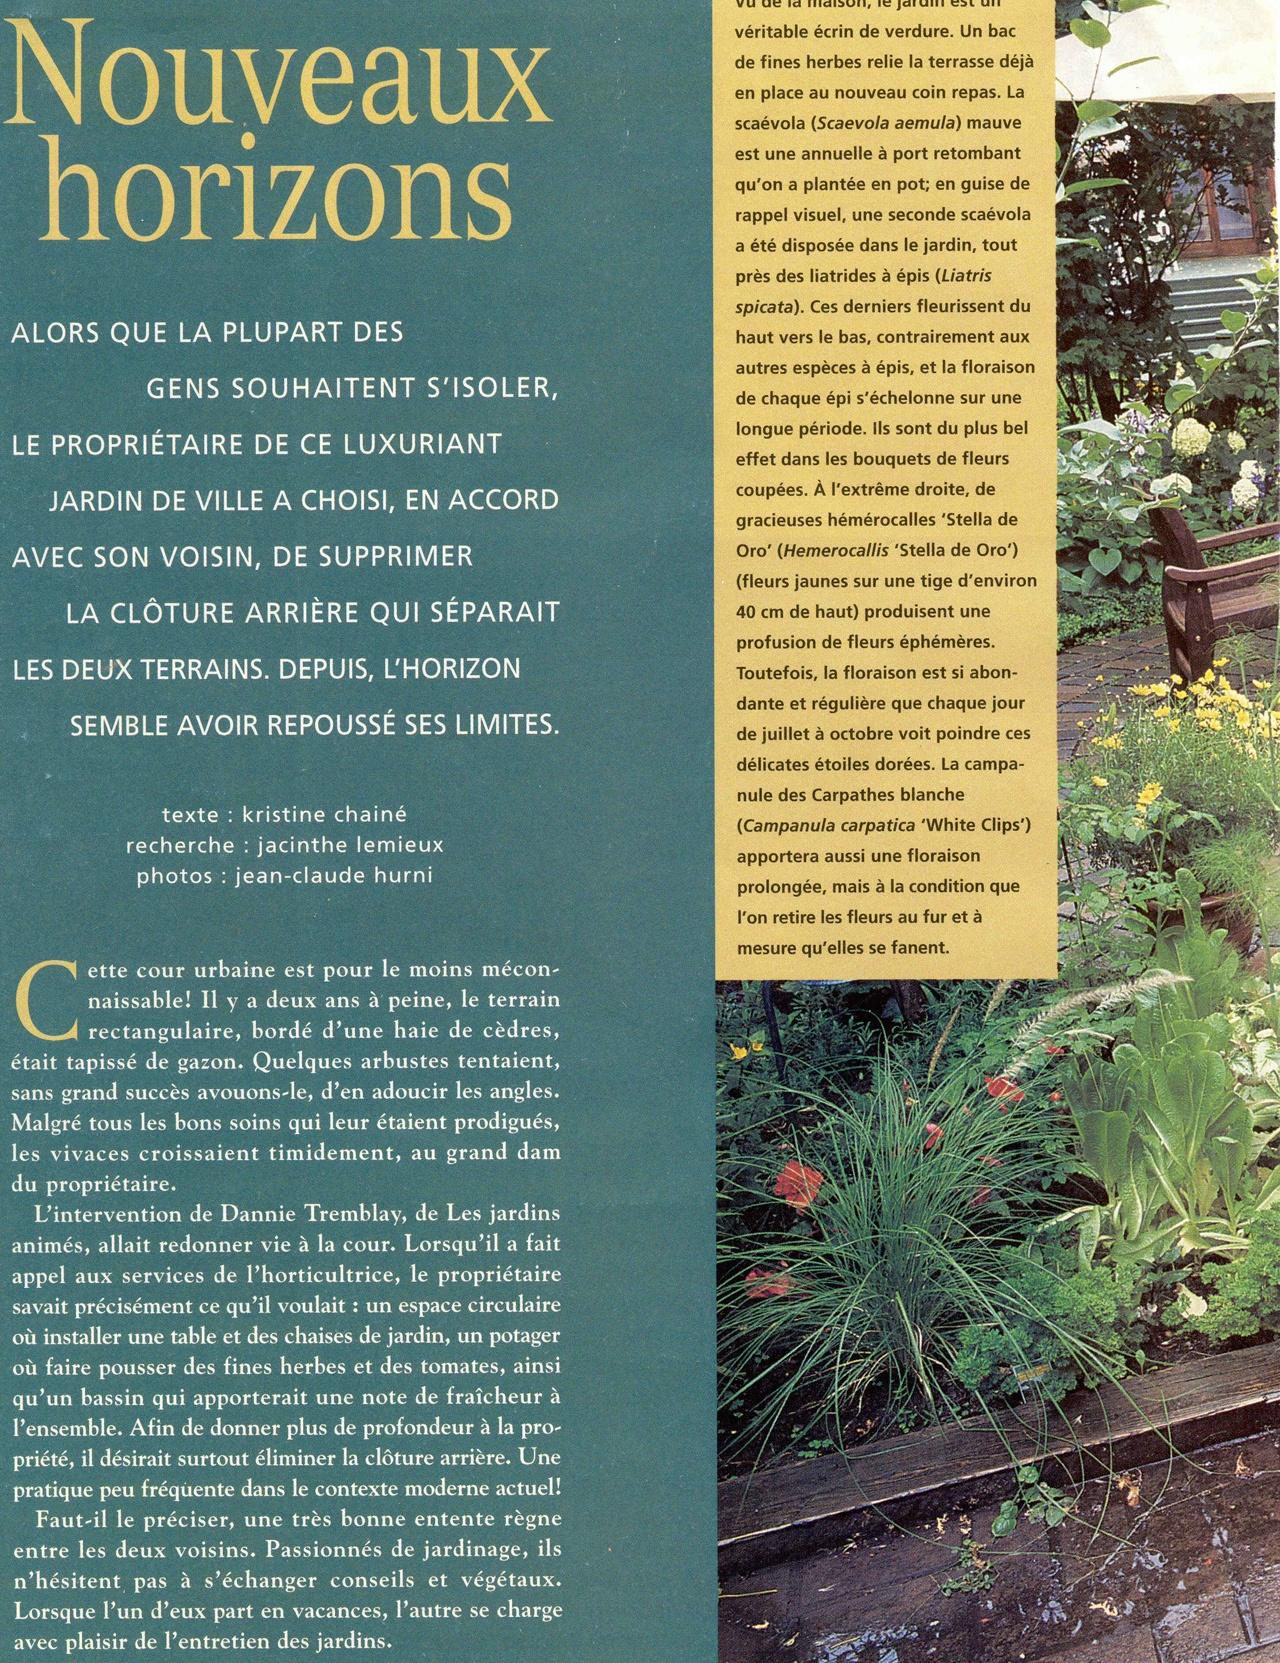 Nouveaux horizons, Côté Jardins no 2, été 1998